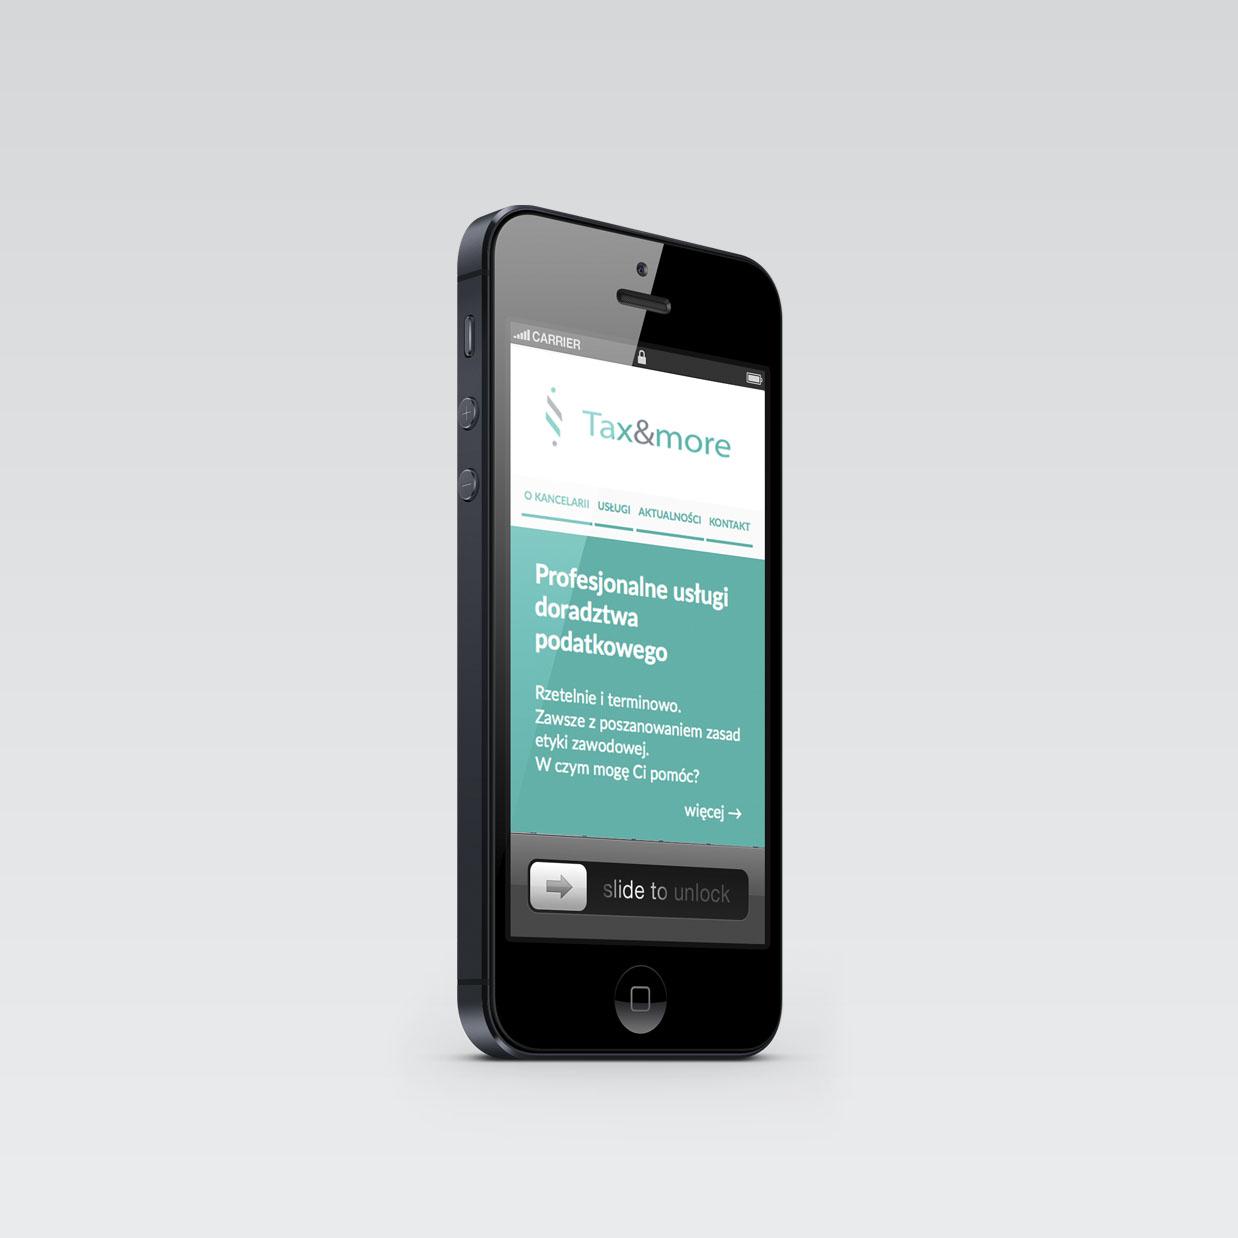 Strona internetowa Tax&More widok na smartfonie